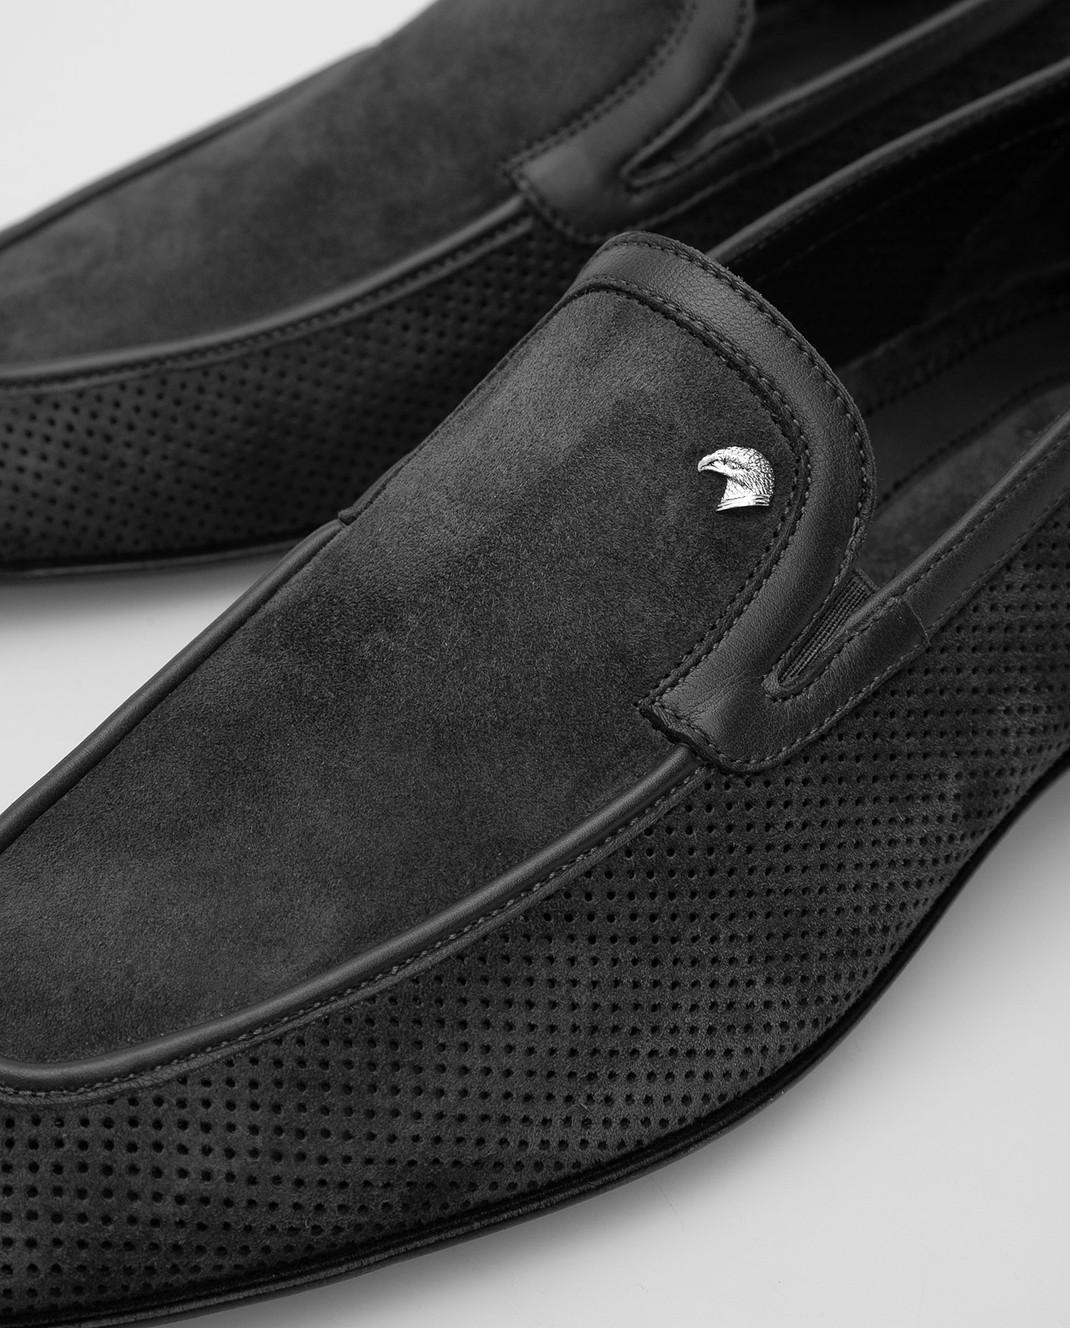 Stefano Ricci Темно-серые замшевые лоферы UF312C2050 изображение 5